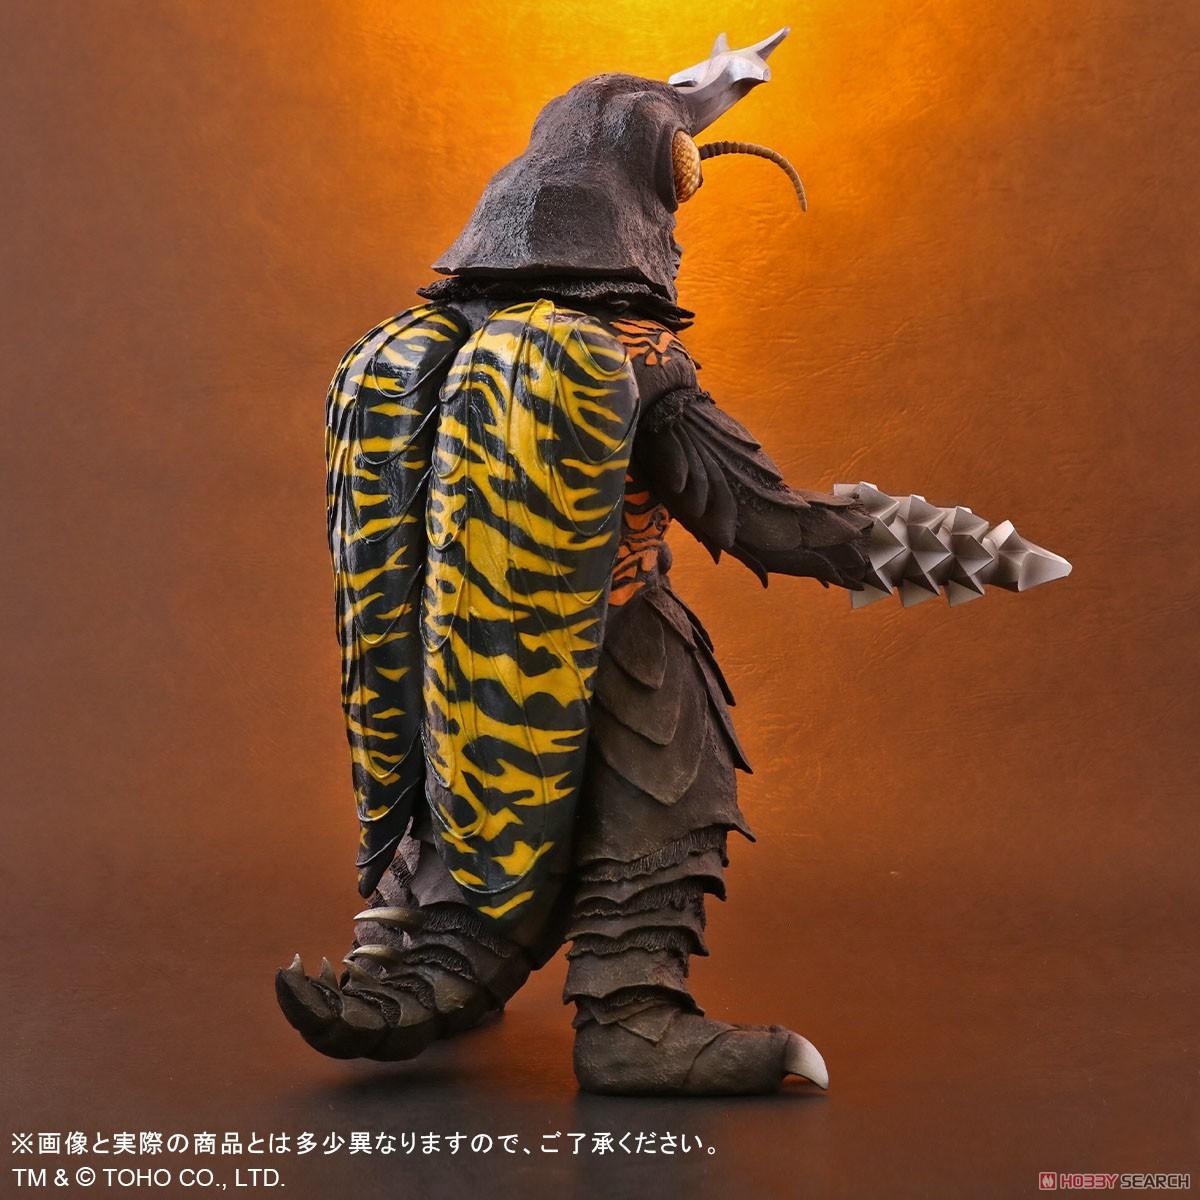 東宝30cmシリーズ『メガロ』ゴジラ対メガロ 完成品フィギュア-004